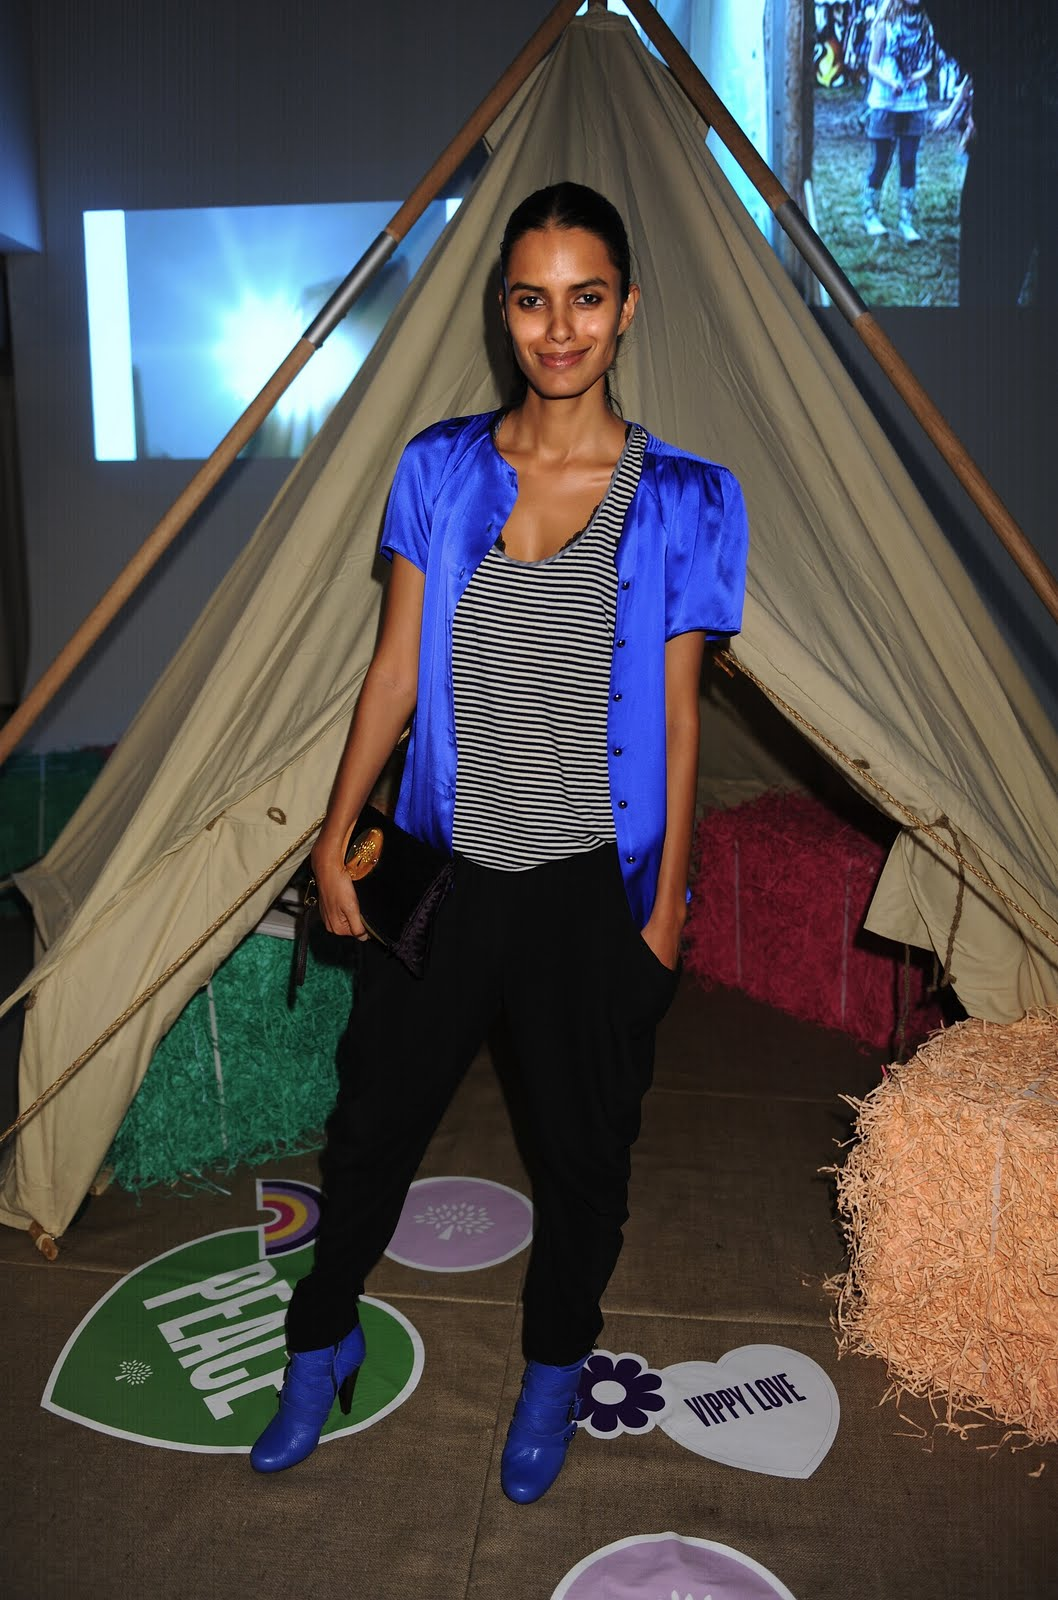 http://4.bp.blogspot.com/_uMEEYNzfGxI/S_0DYRP_BUI/AAAAAAAAFQY/HgzqPLSKbW0/s1600/6+Lakshmi+Menon.jpg